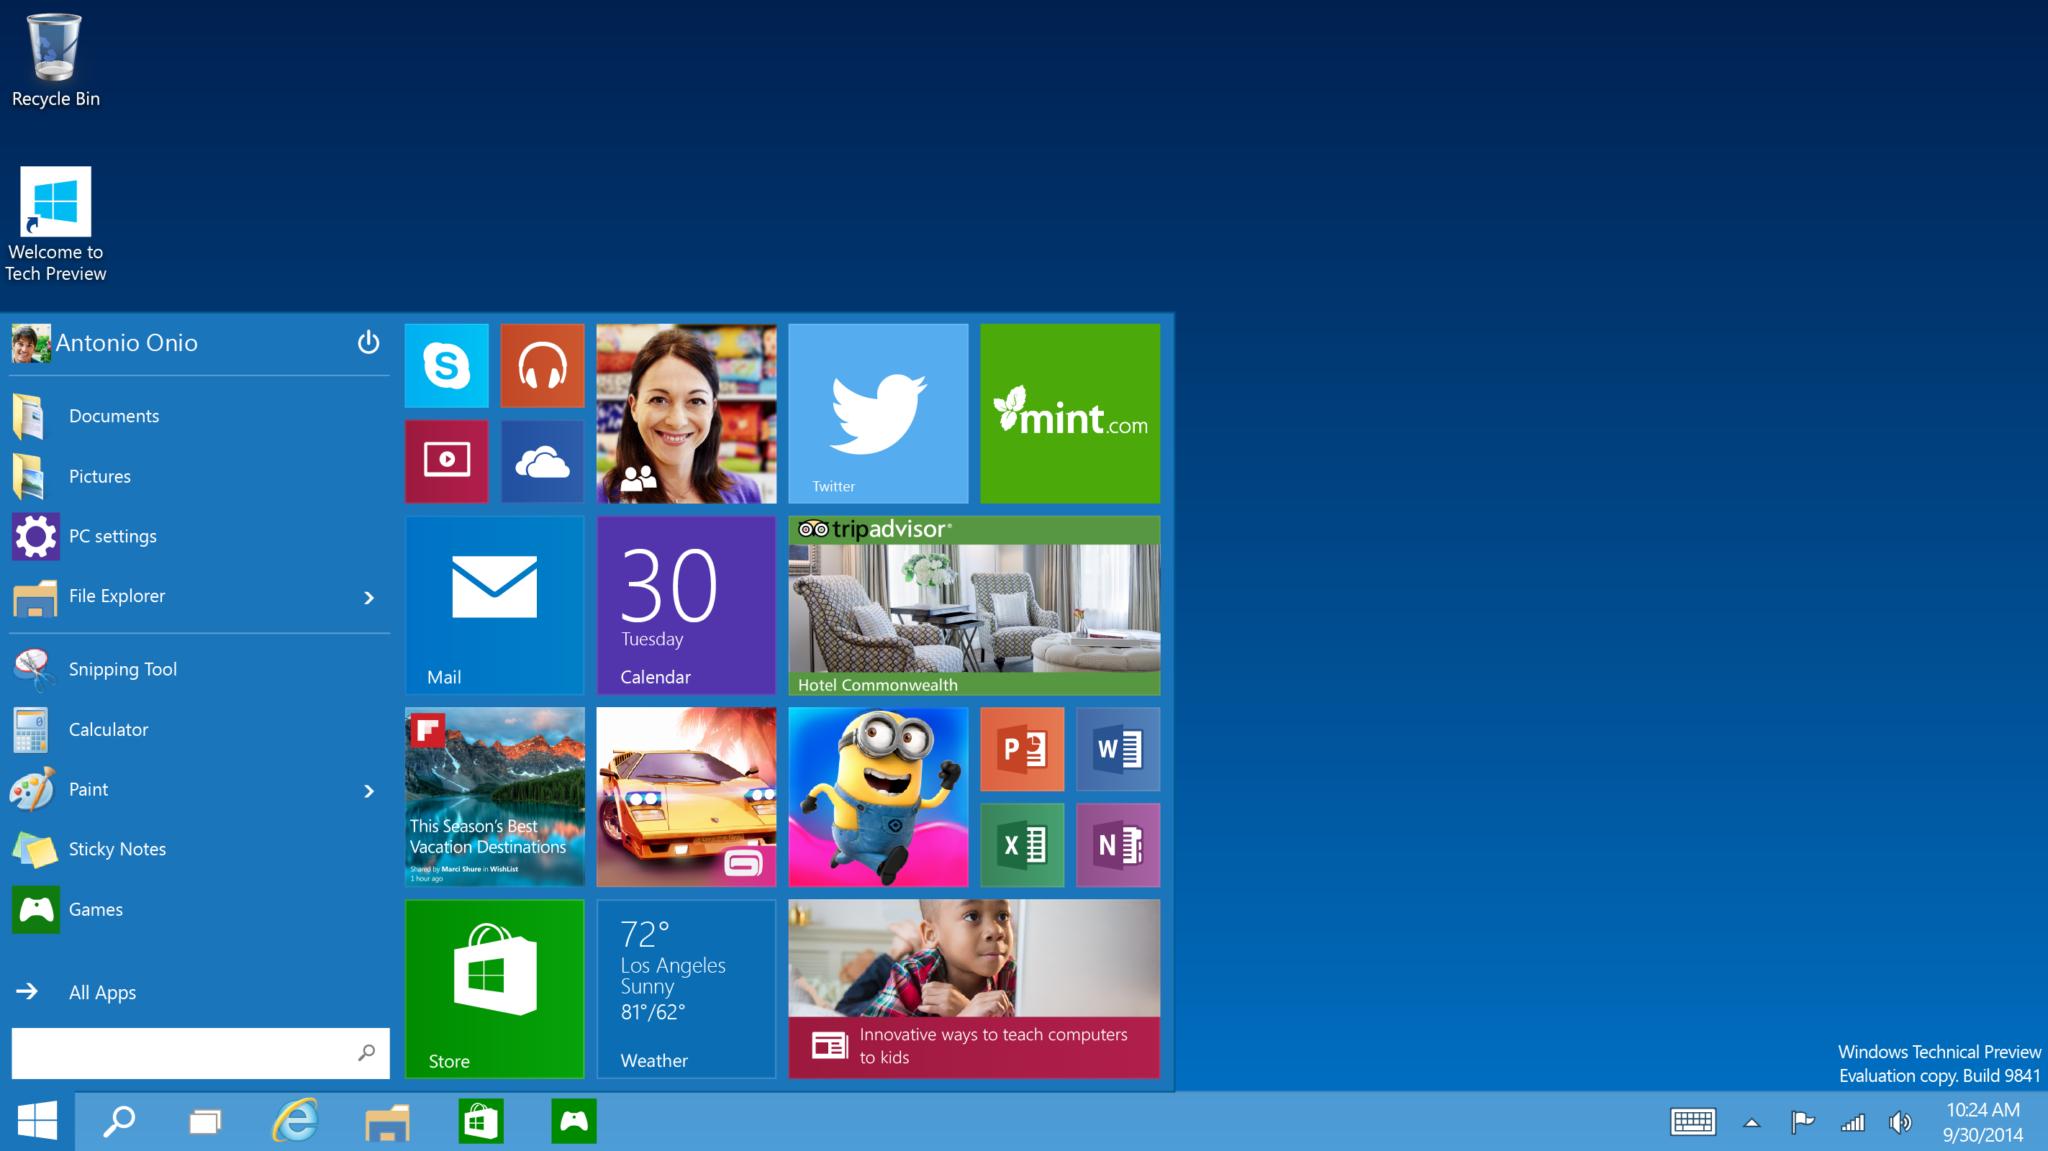 Nowy Windows prawdopodobnie będzie wyglądał właśnie tak.